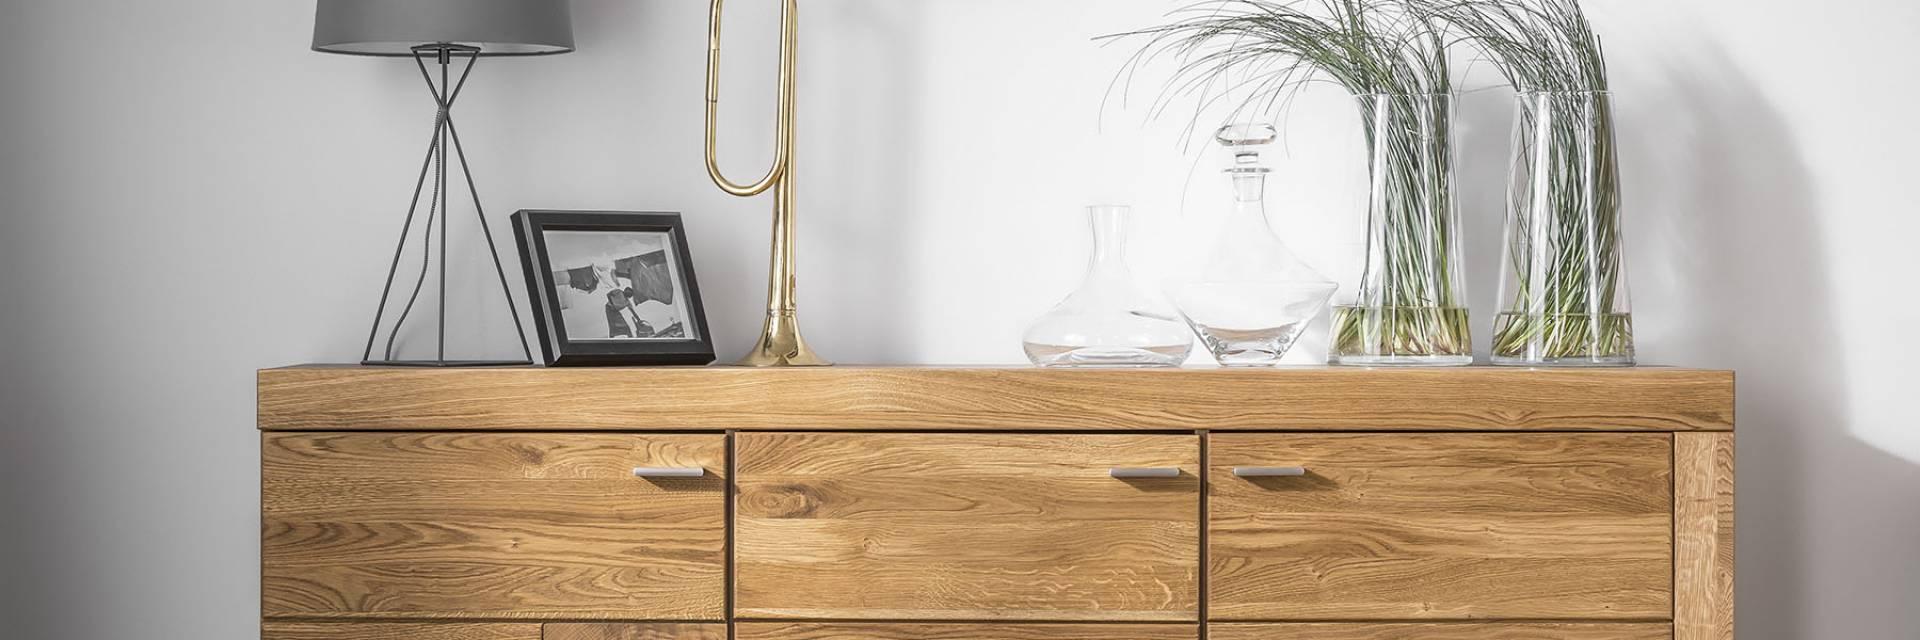 Kolekcja Velle do Salonu z Litego Drewna